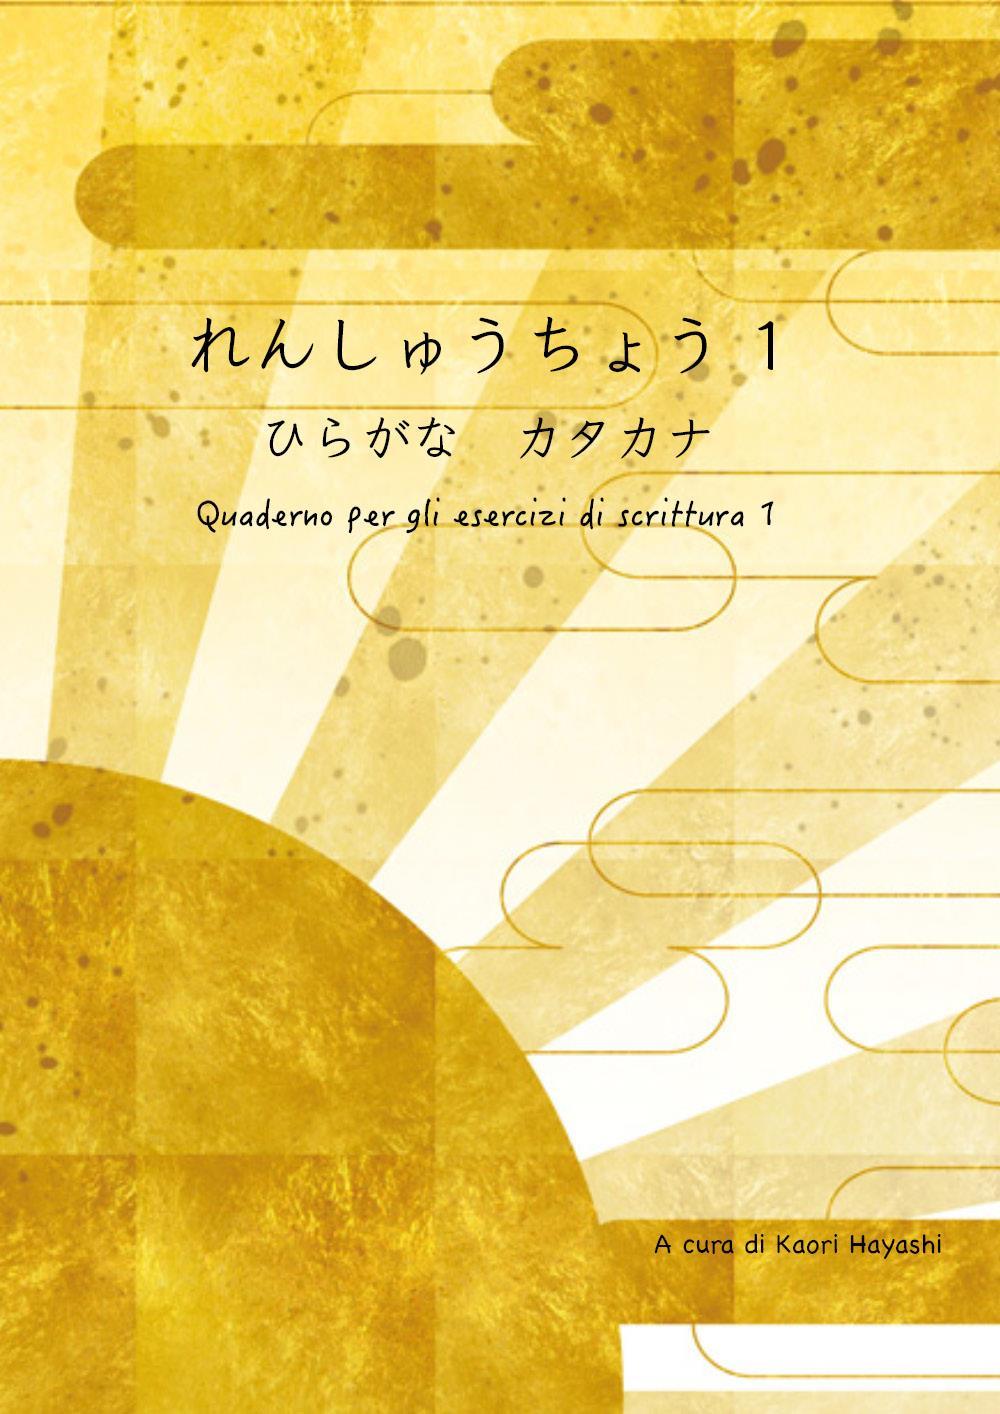 Quaderno per gli esercizi di scrittura 1